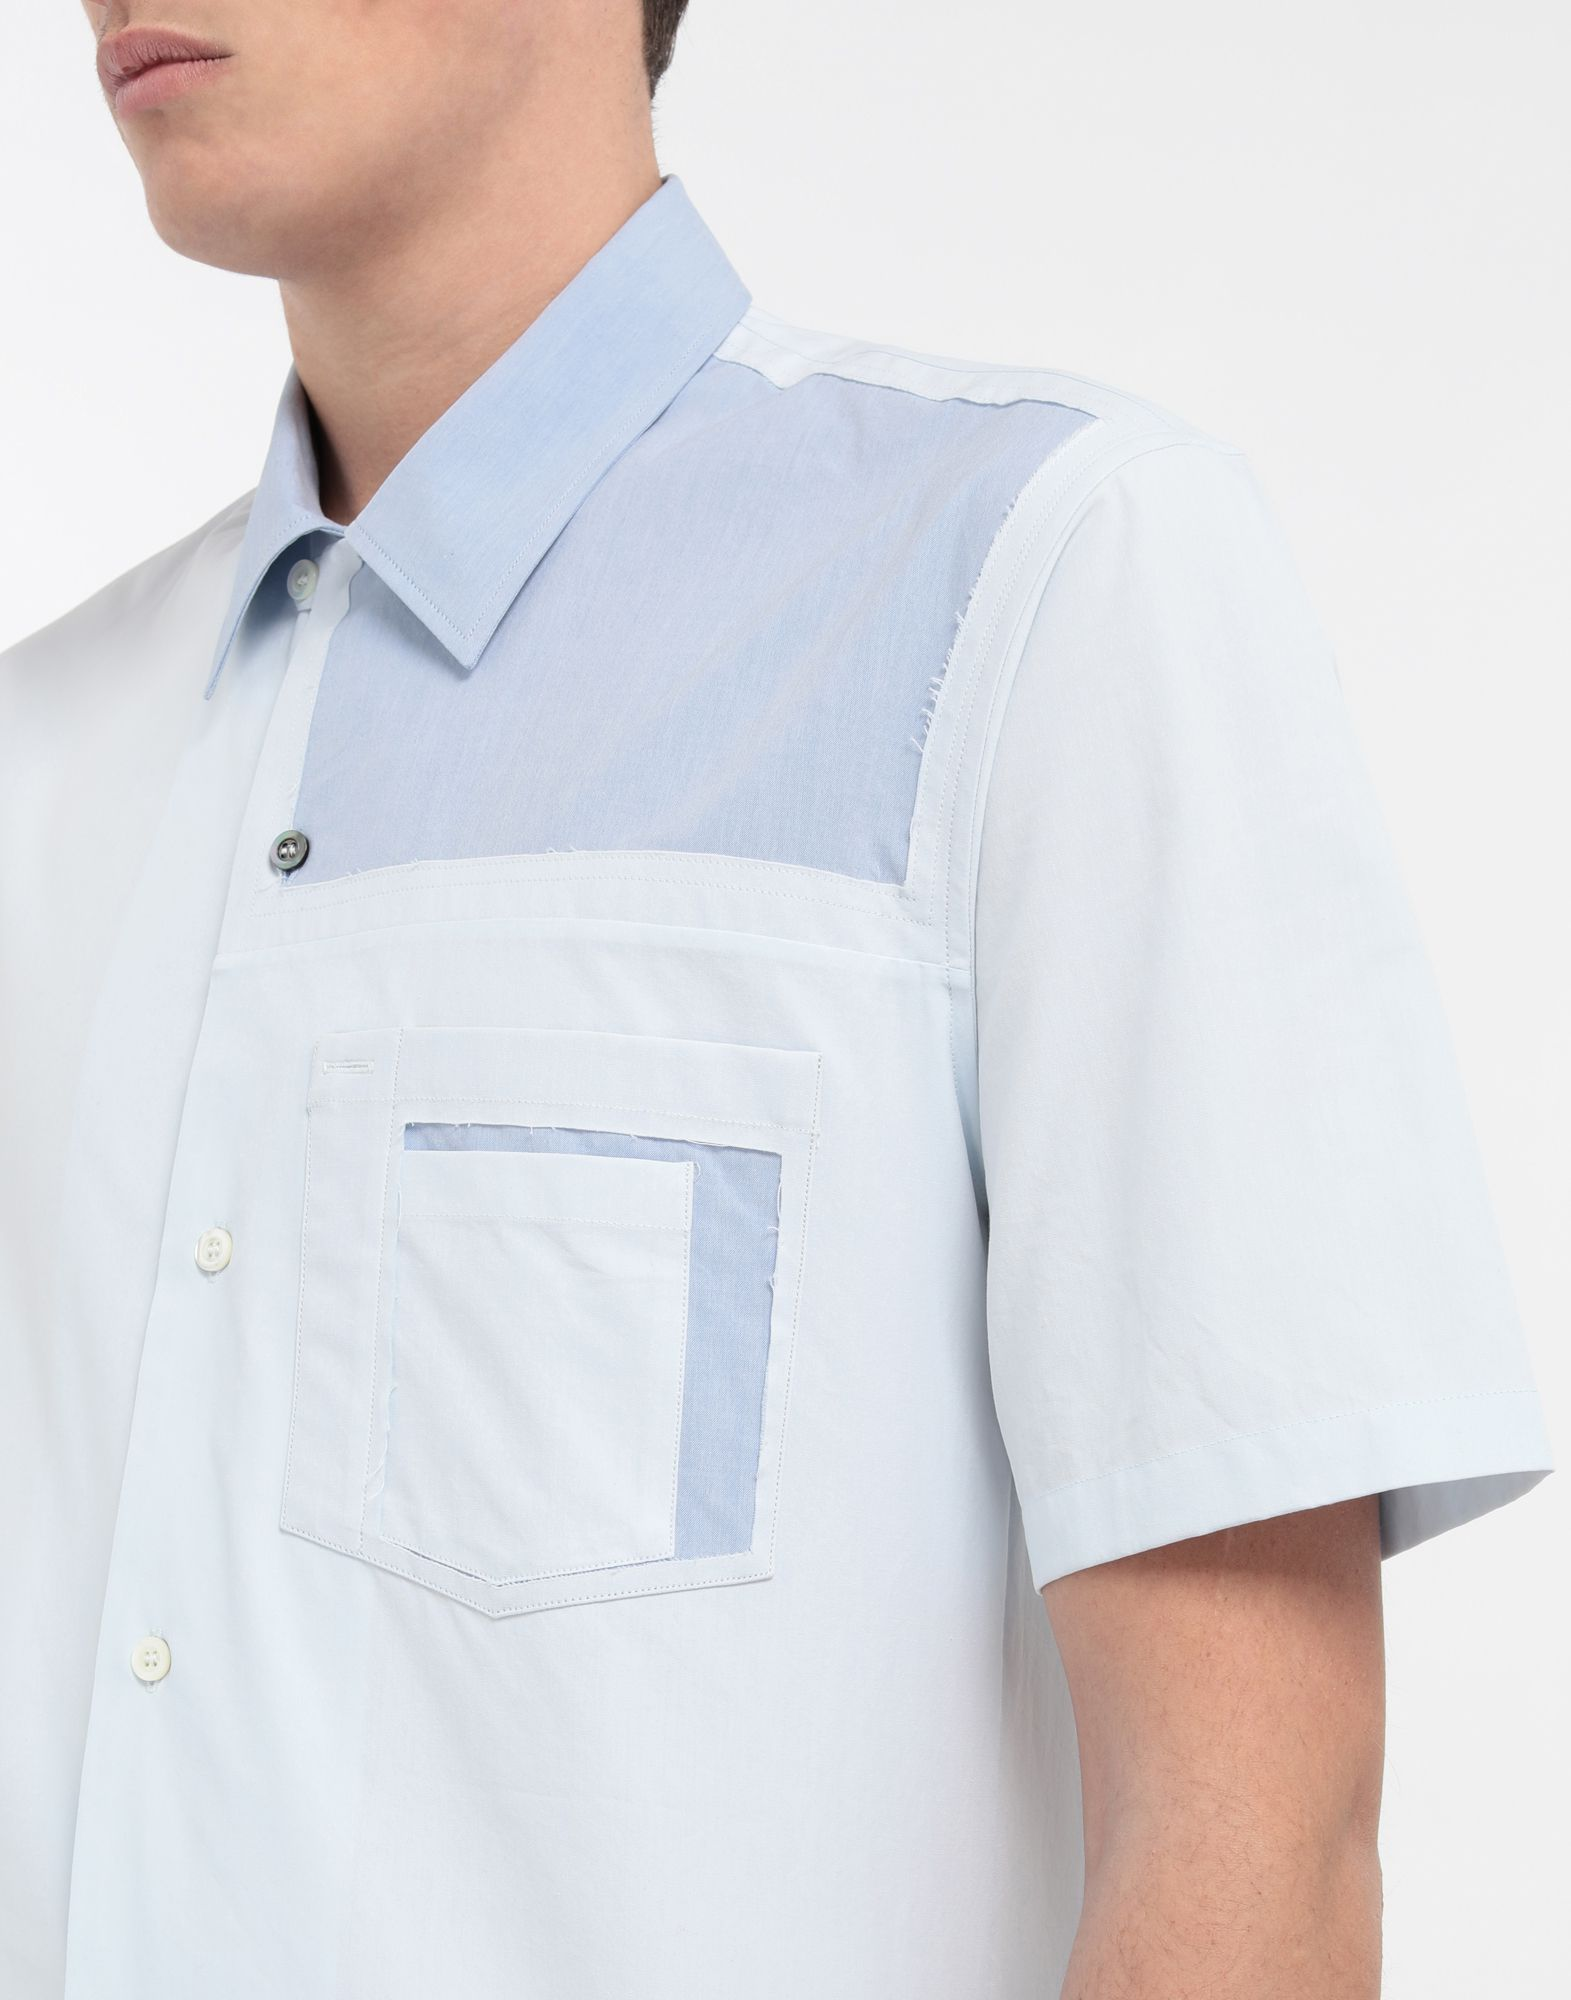 MAISON MARGIELA Décortiqué pocket shirt Short sleeve shirt Man a